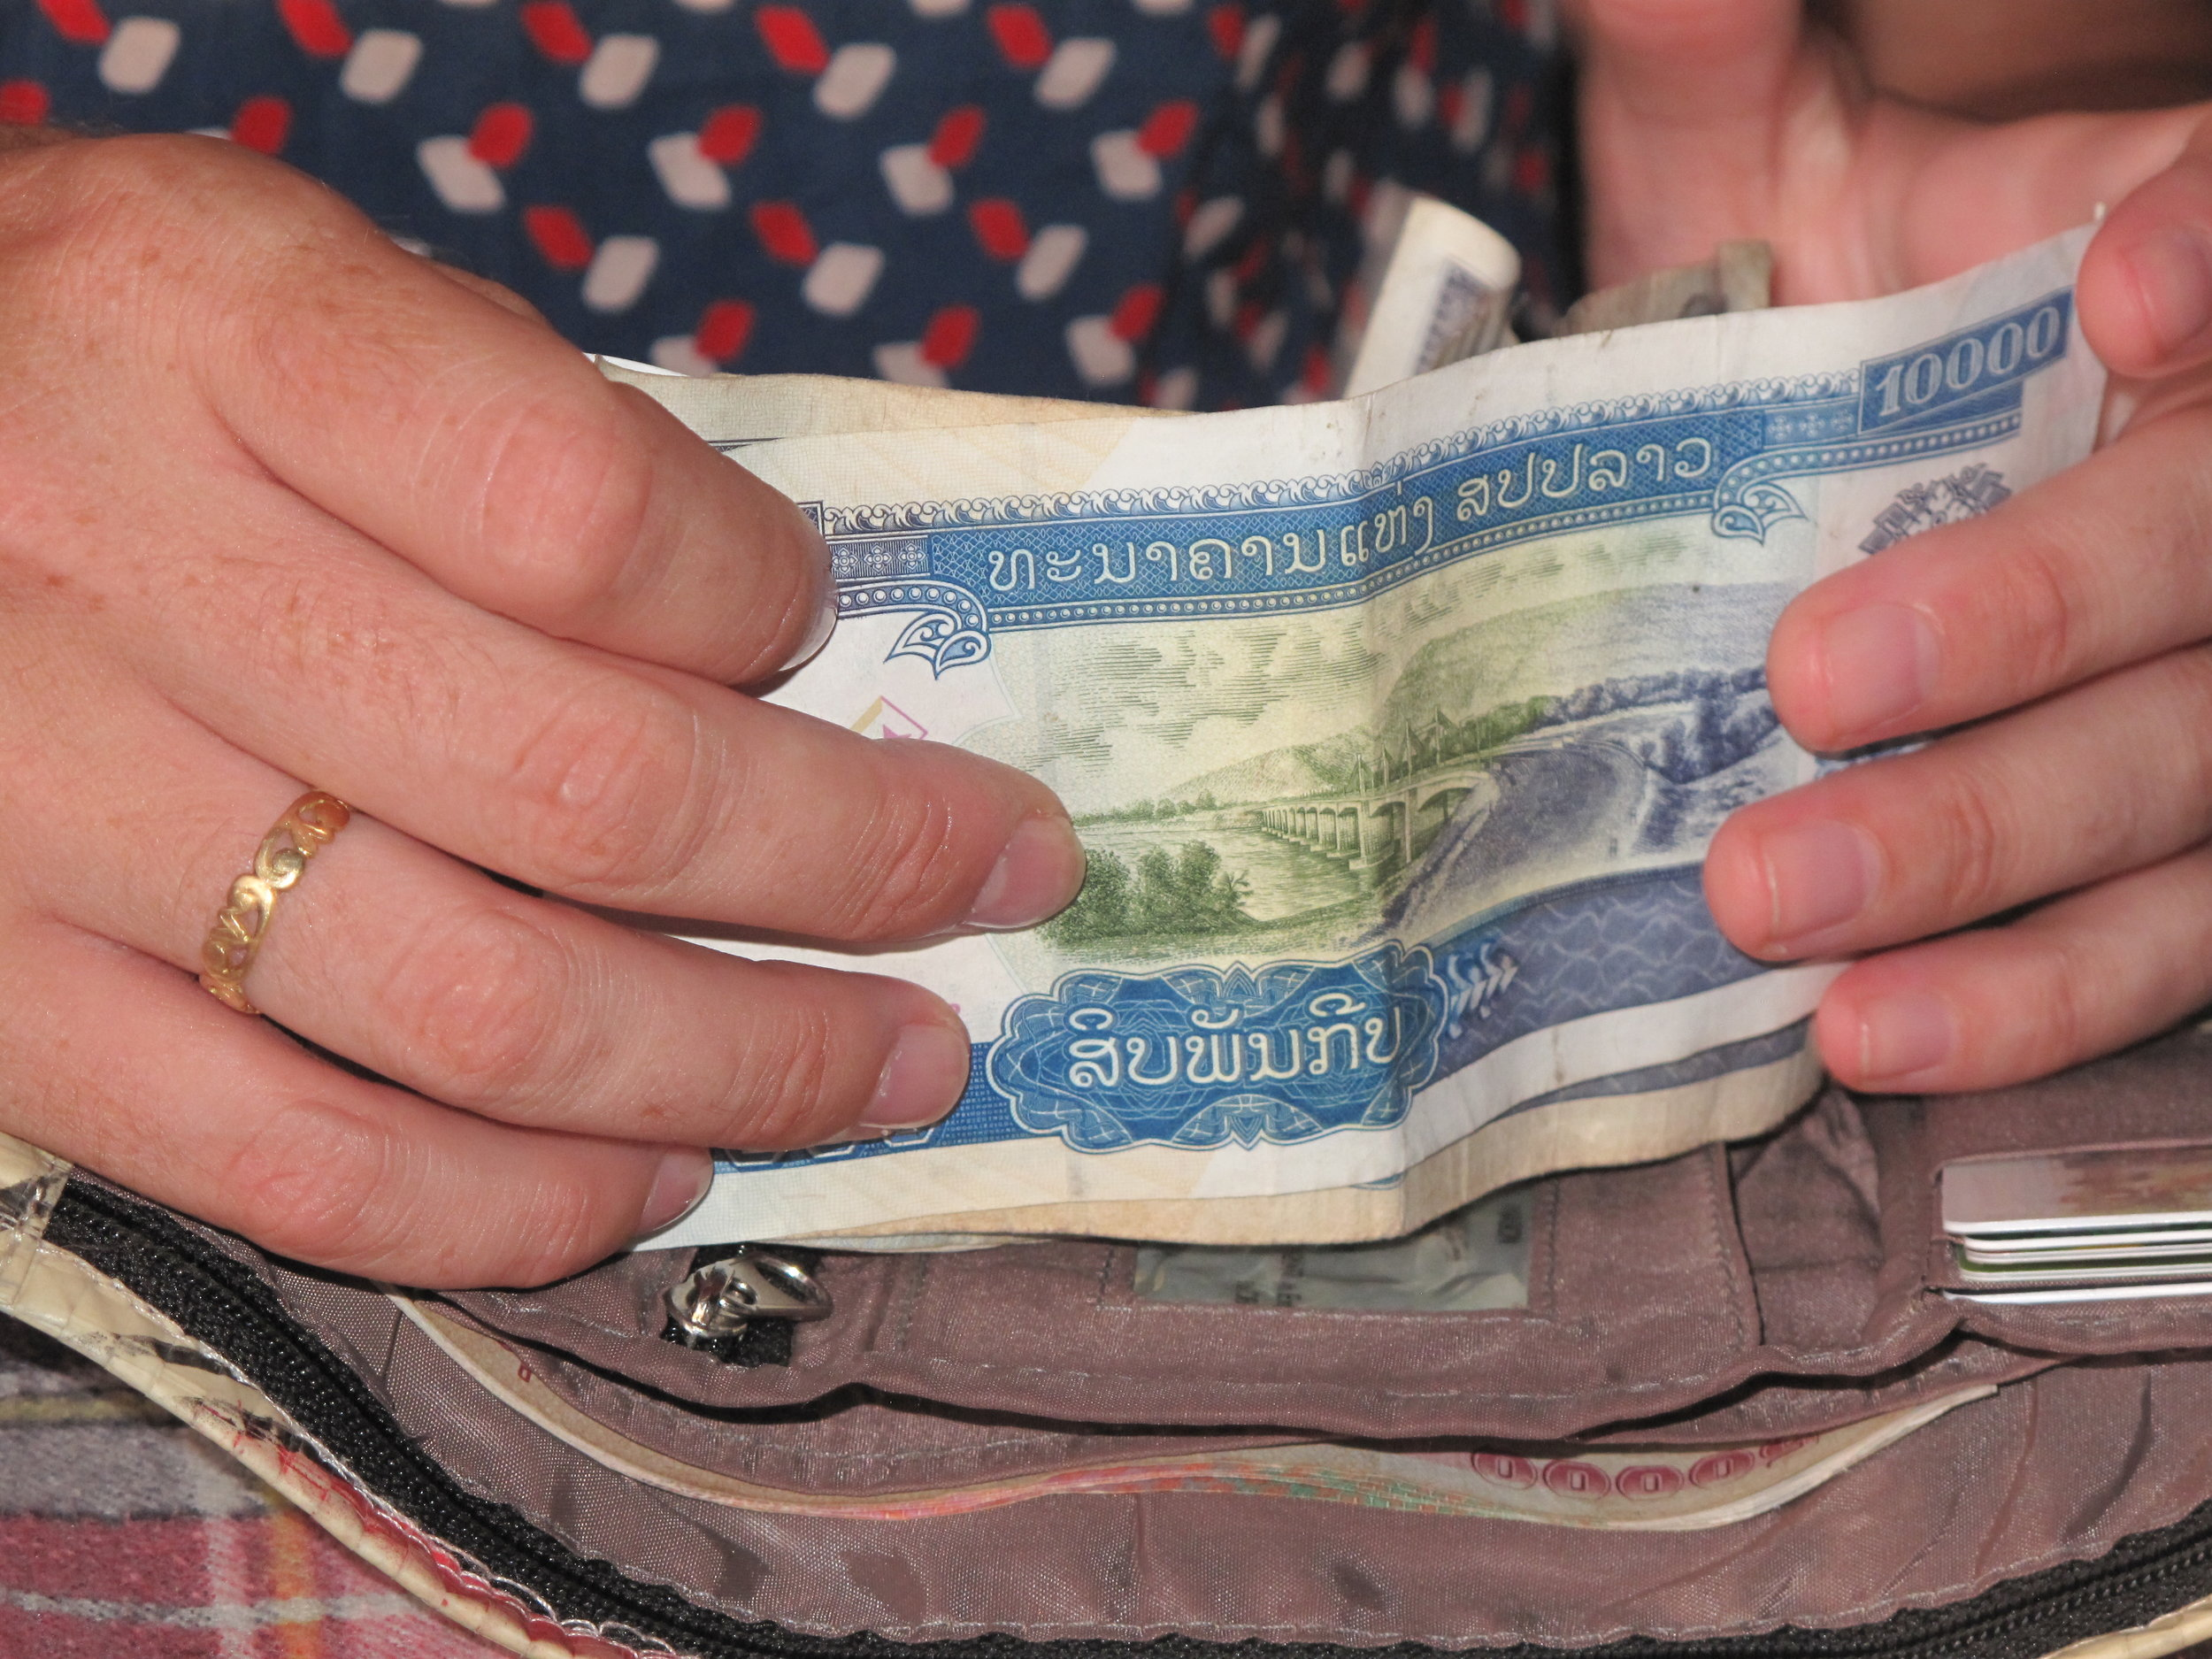 Money, Luang Prabang, Laos